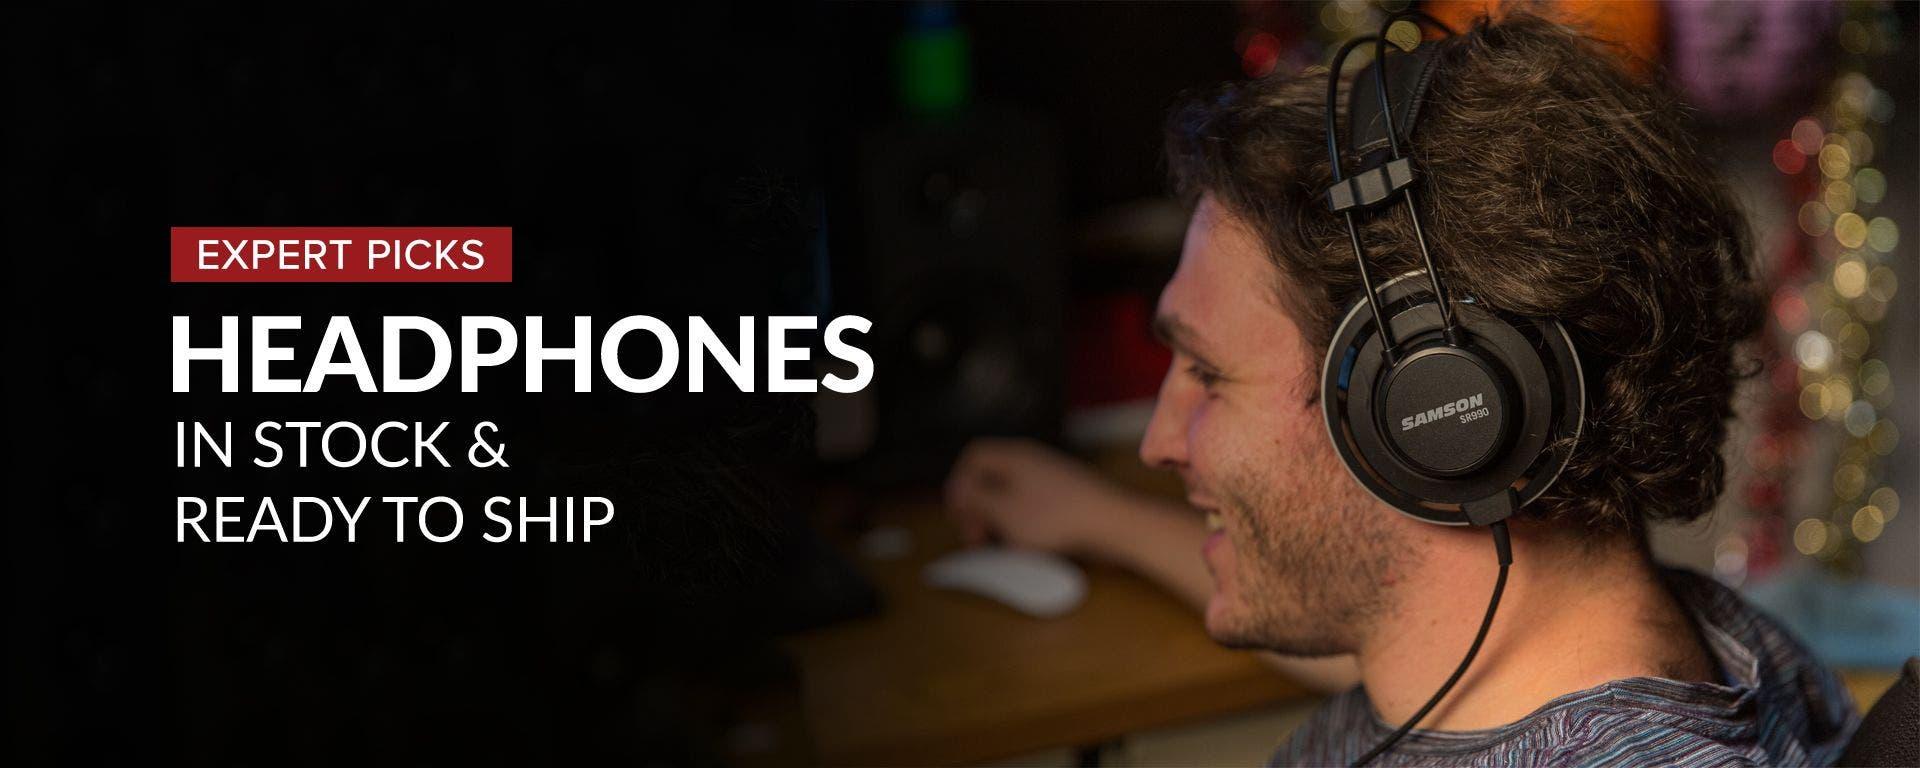 Headphones at Sam Ash